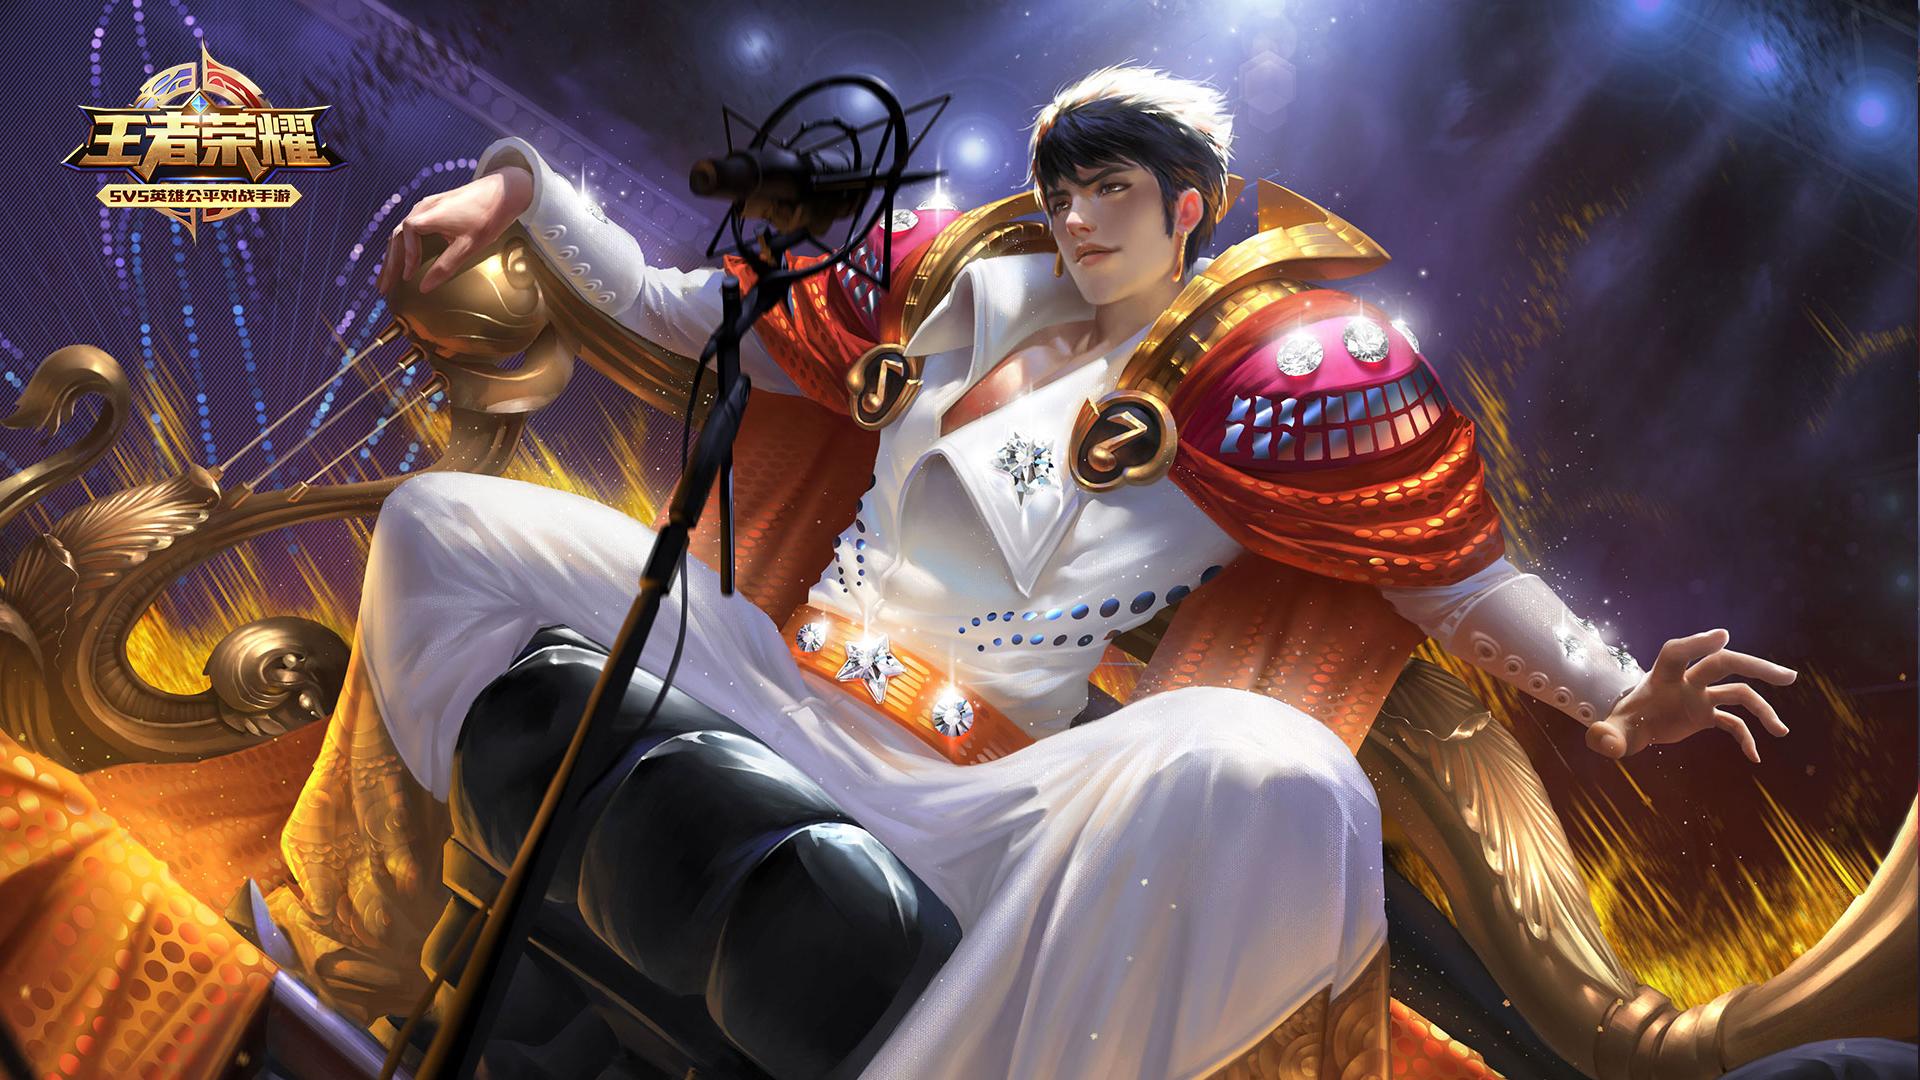 第1弹《王者荣耀英雄皮肤CG》竞技游戏126